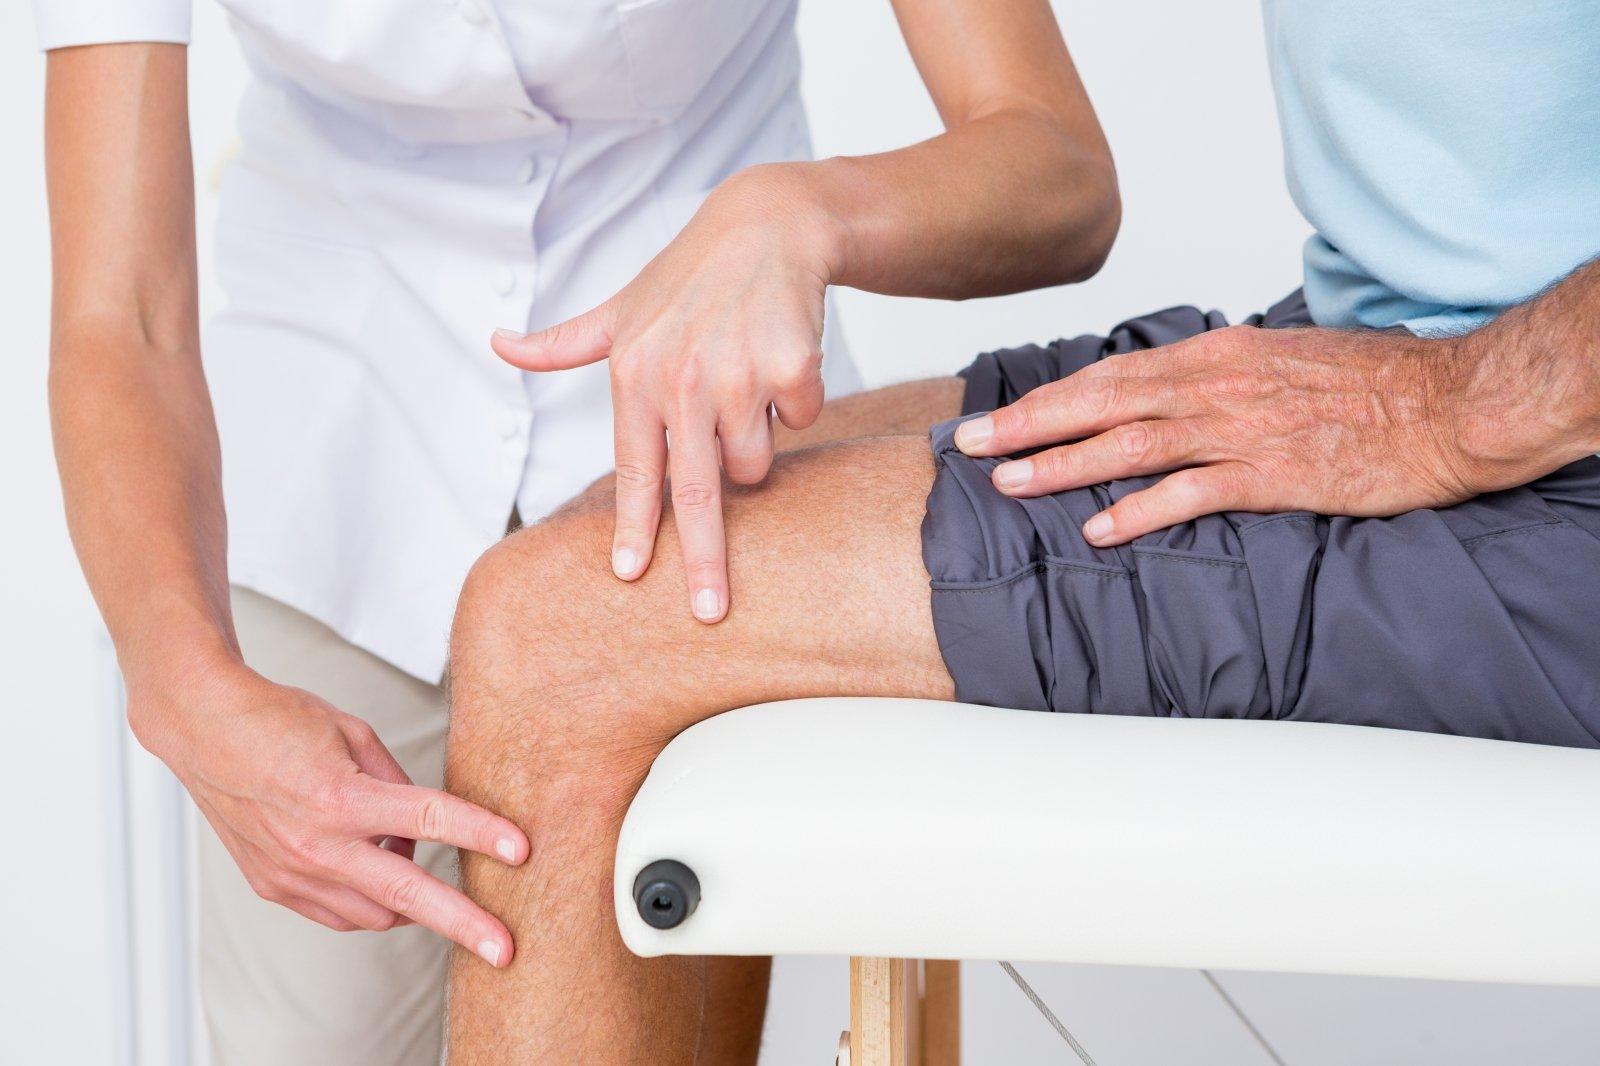 osteochondrozė tepalas namuose artrito formų sąnarių peties sąnario